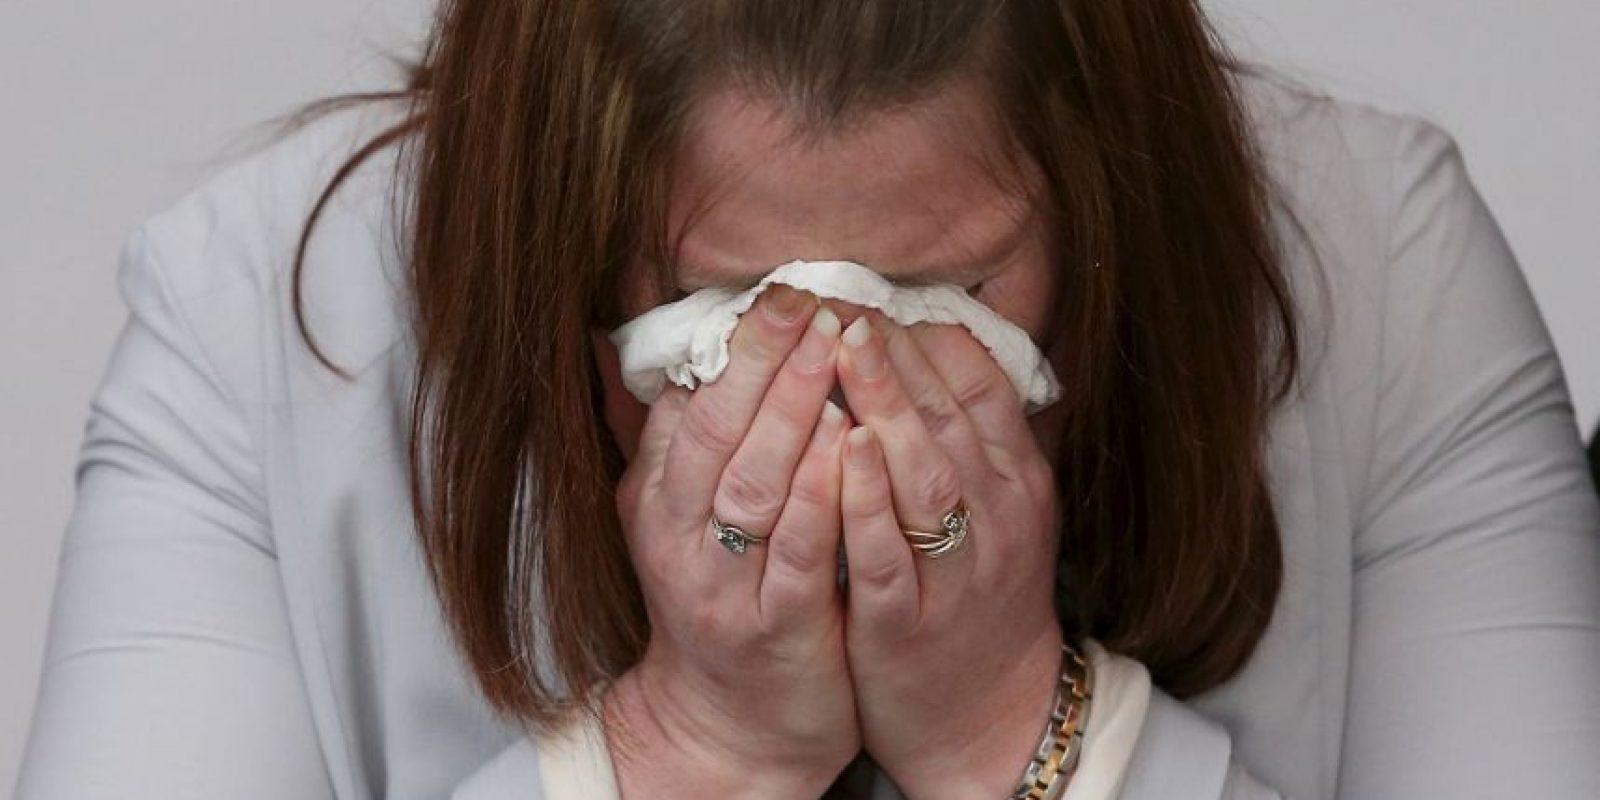 Es cualquier acto u omisión que afecta la supervivencia de la víctima. Foto:Getty Images. Información: Comisión Nacional para Prevenir y Erradicar la Violencia contra las Mujeres (CONAVIM) – México.